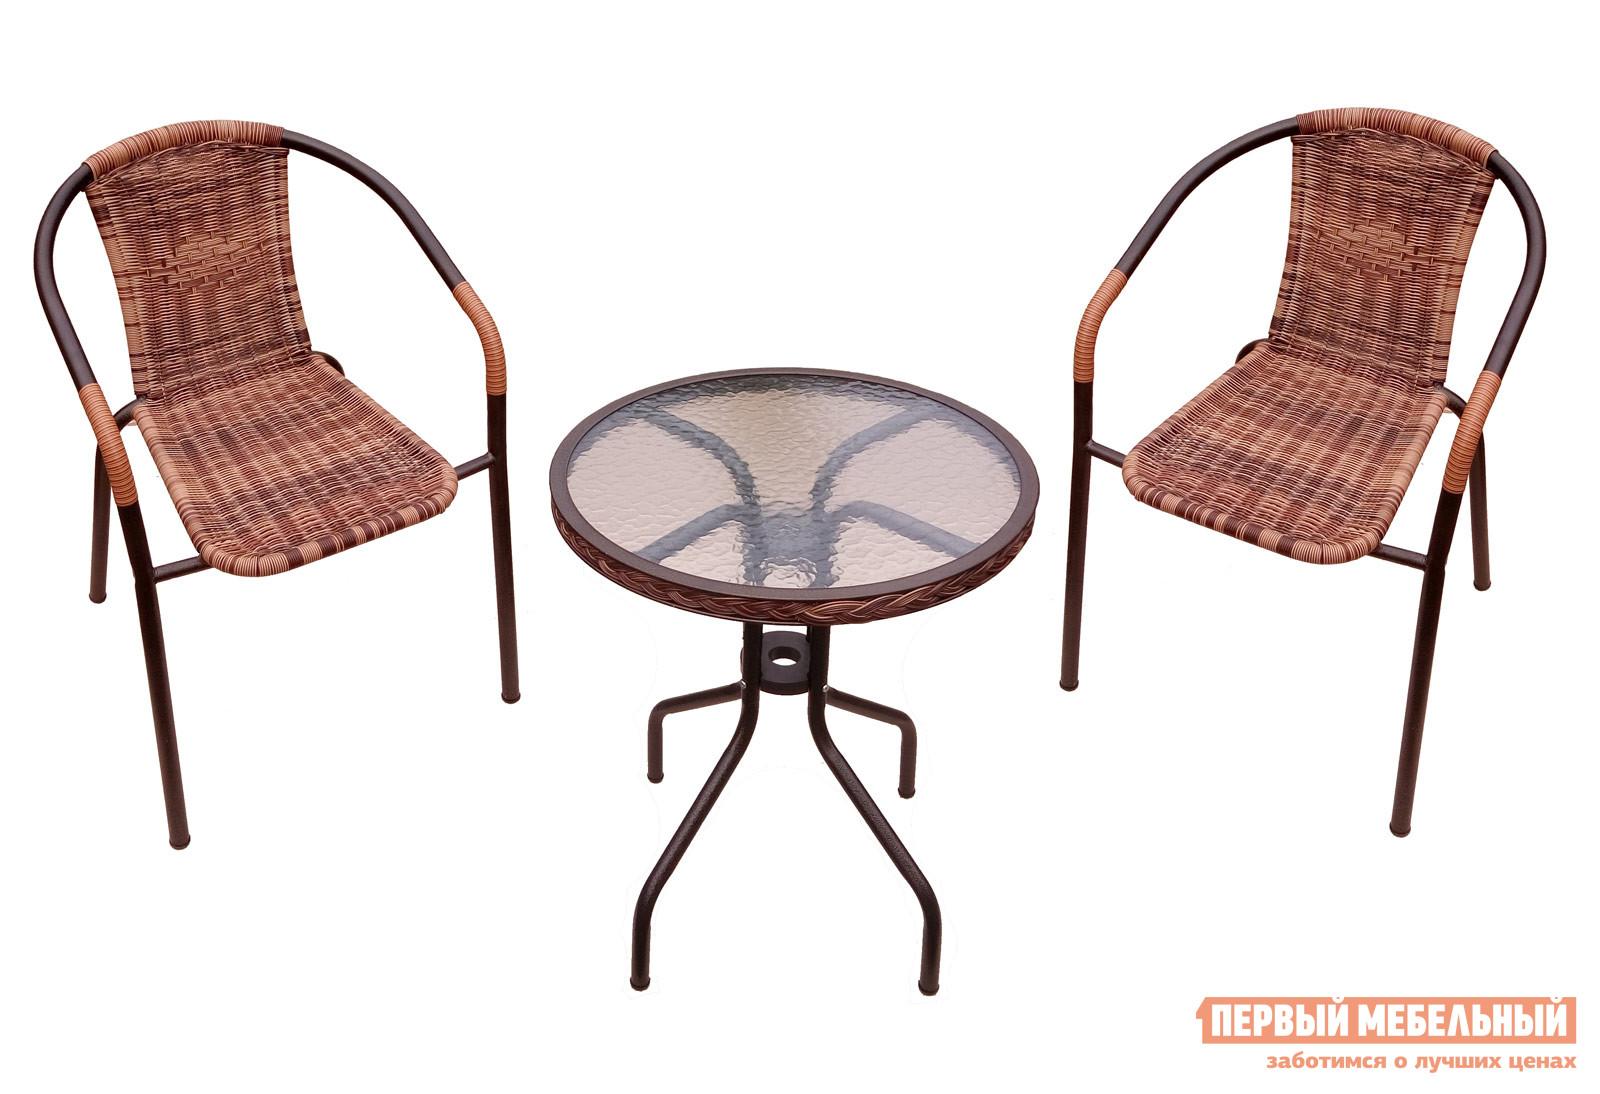 Комплект мебели из ротанга Дачная Мебель Набор дачной мебели